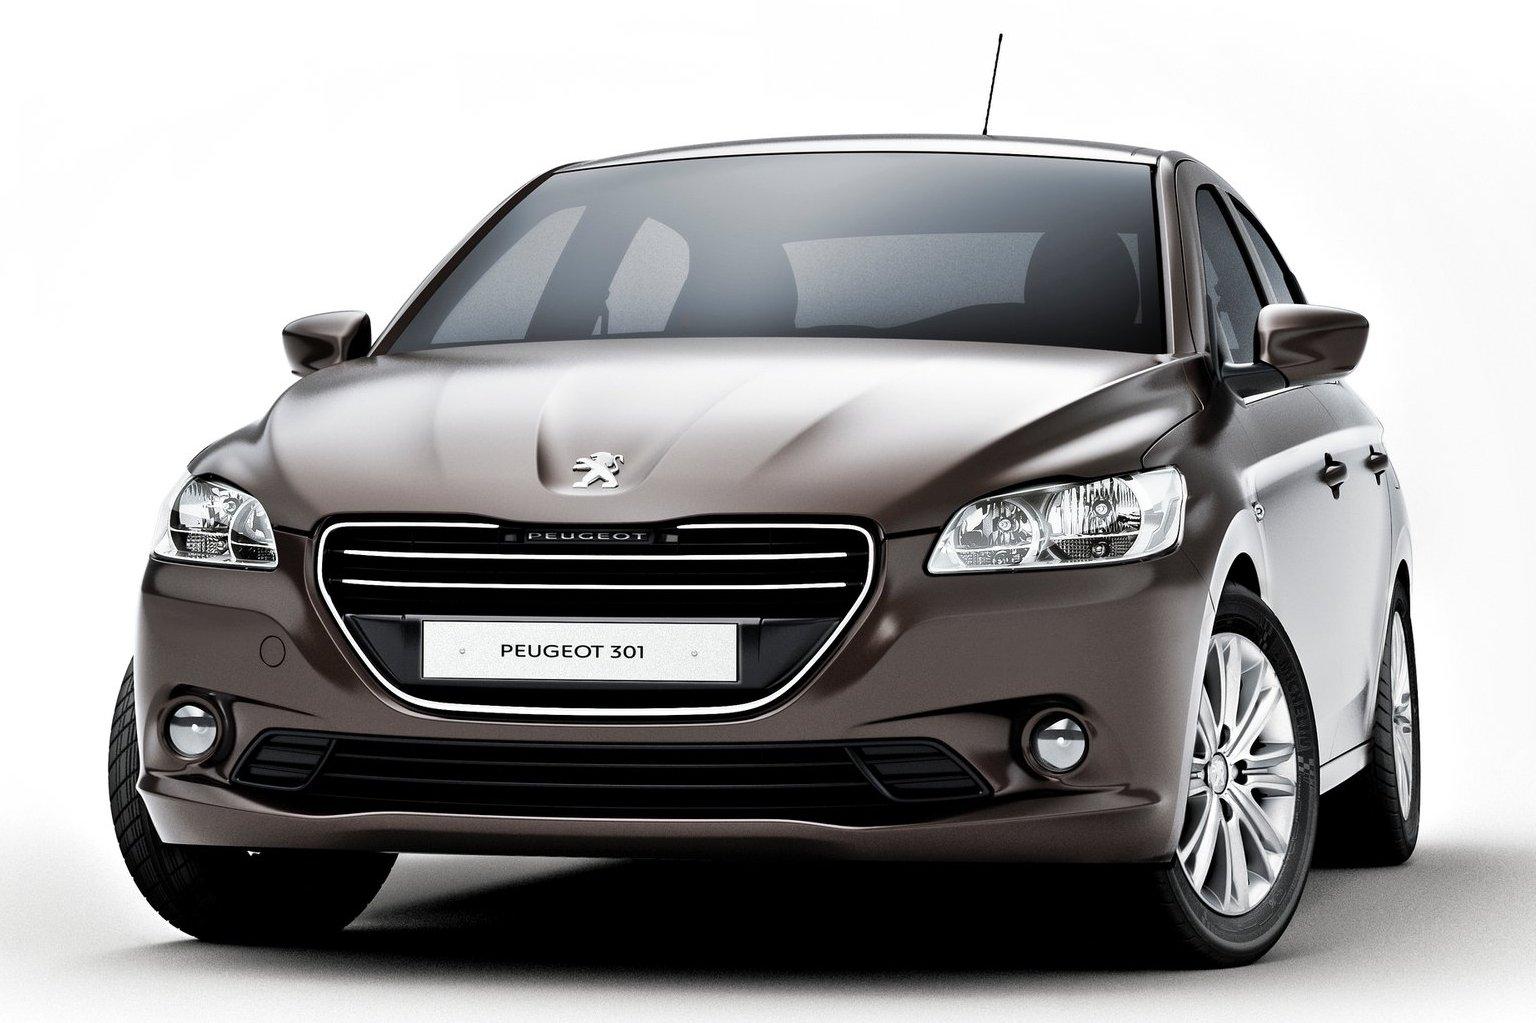 Peugeot Design Ext Rieur Peugeot Design Image